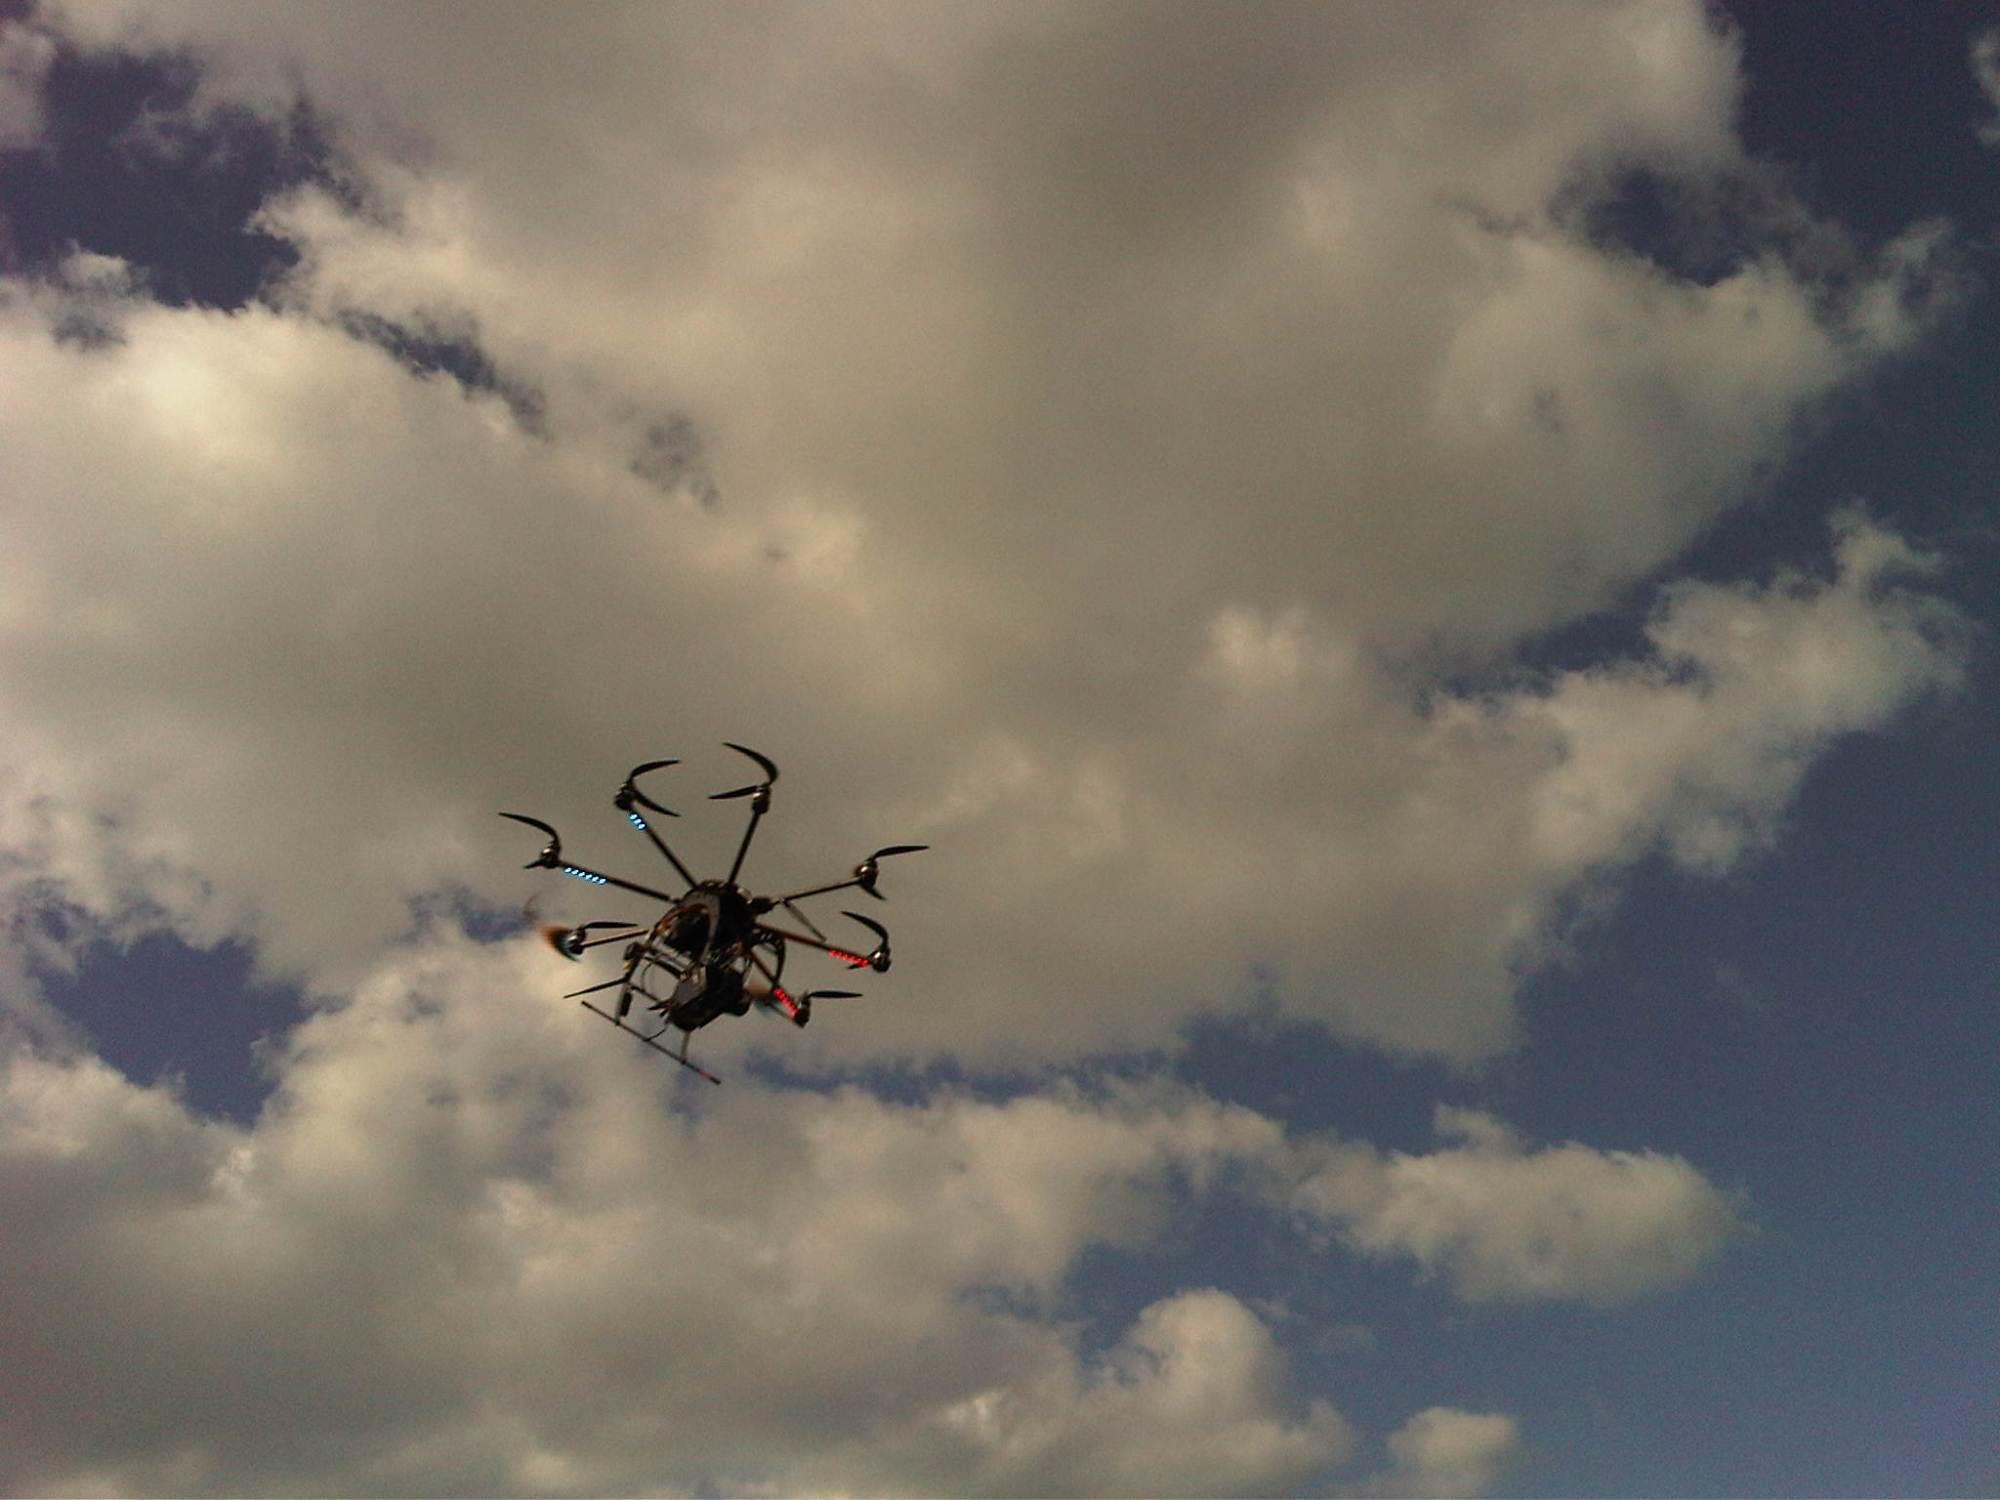 Drone aerial filming in Israel